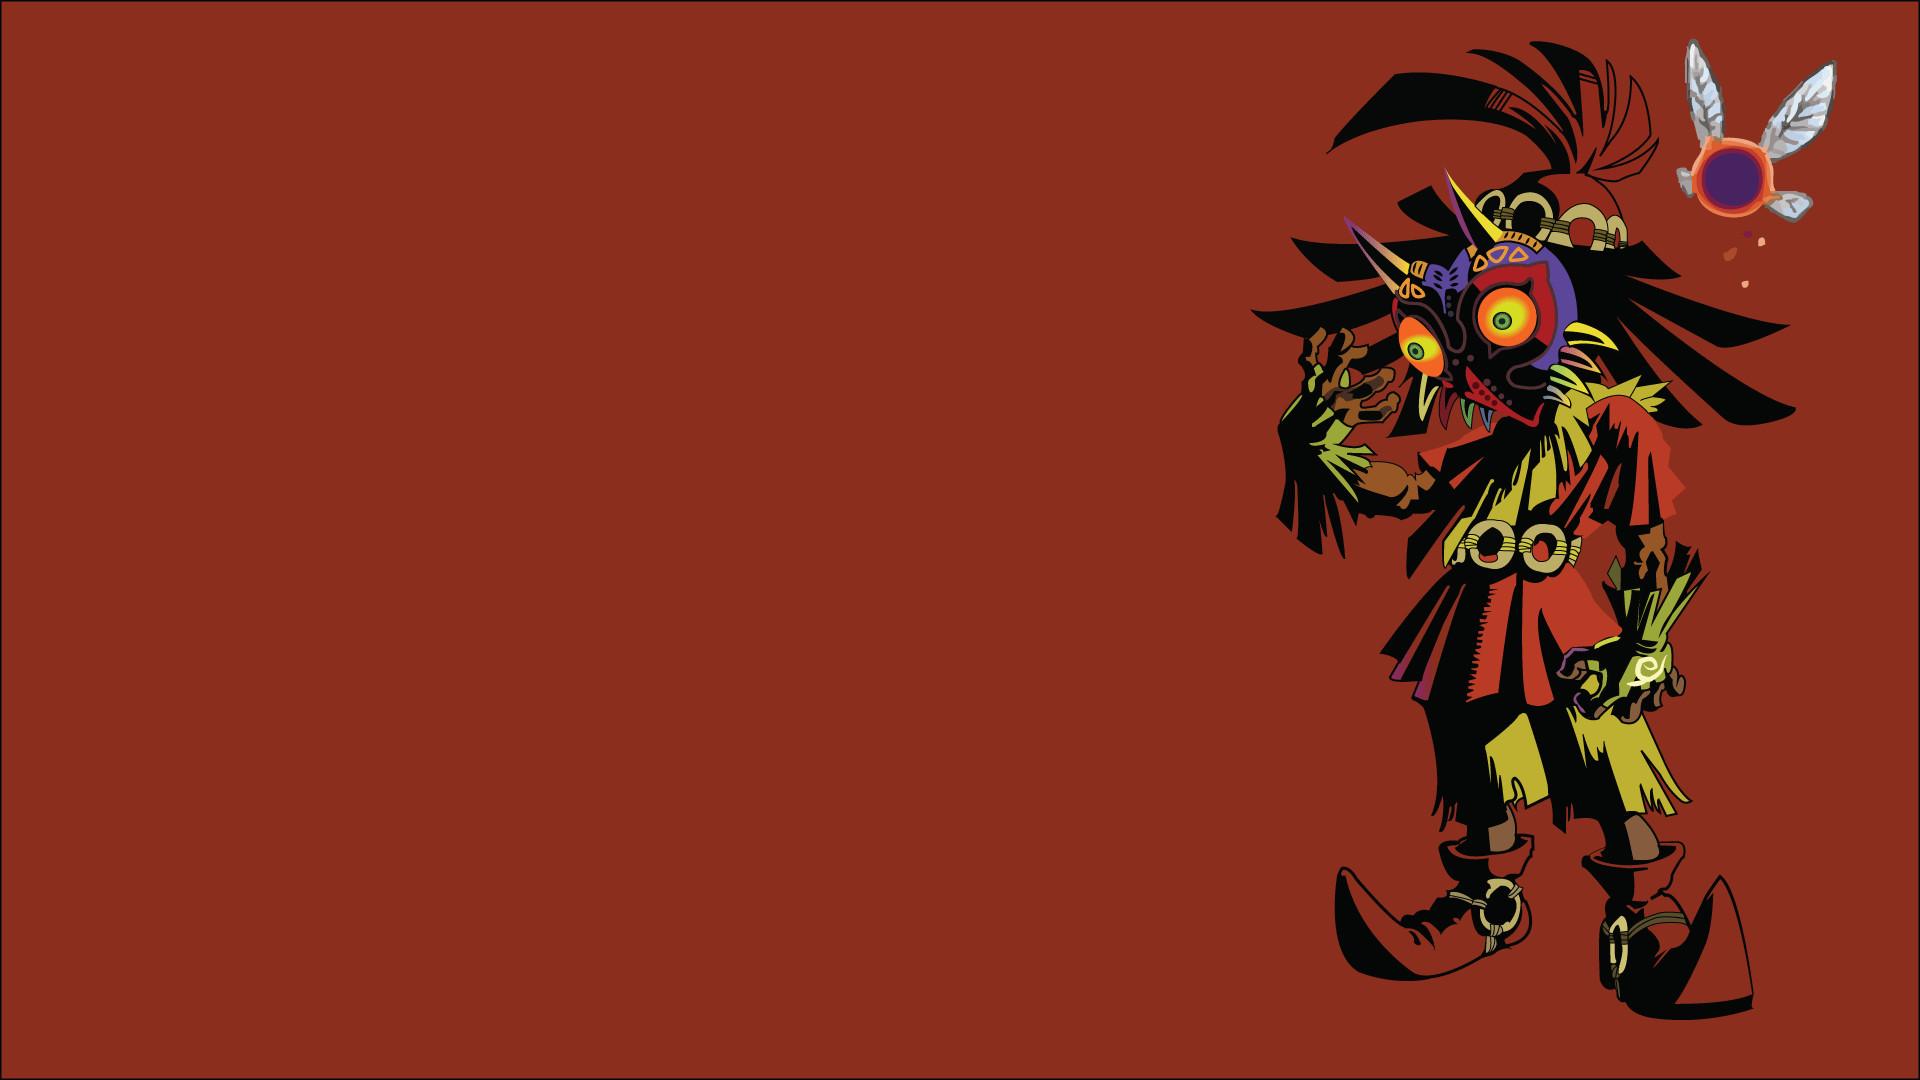 Zelda Majora's Mask video games wallpaper | | 40373 |  WallpaperUP